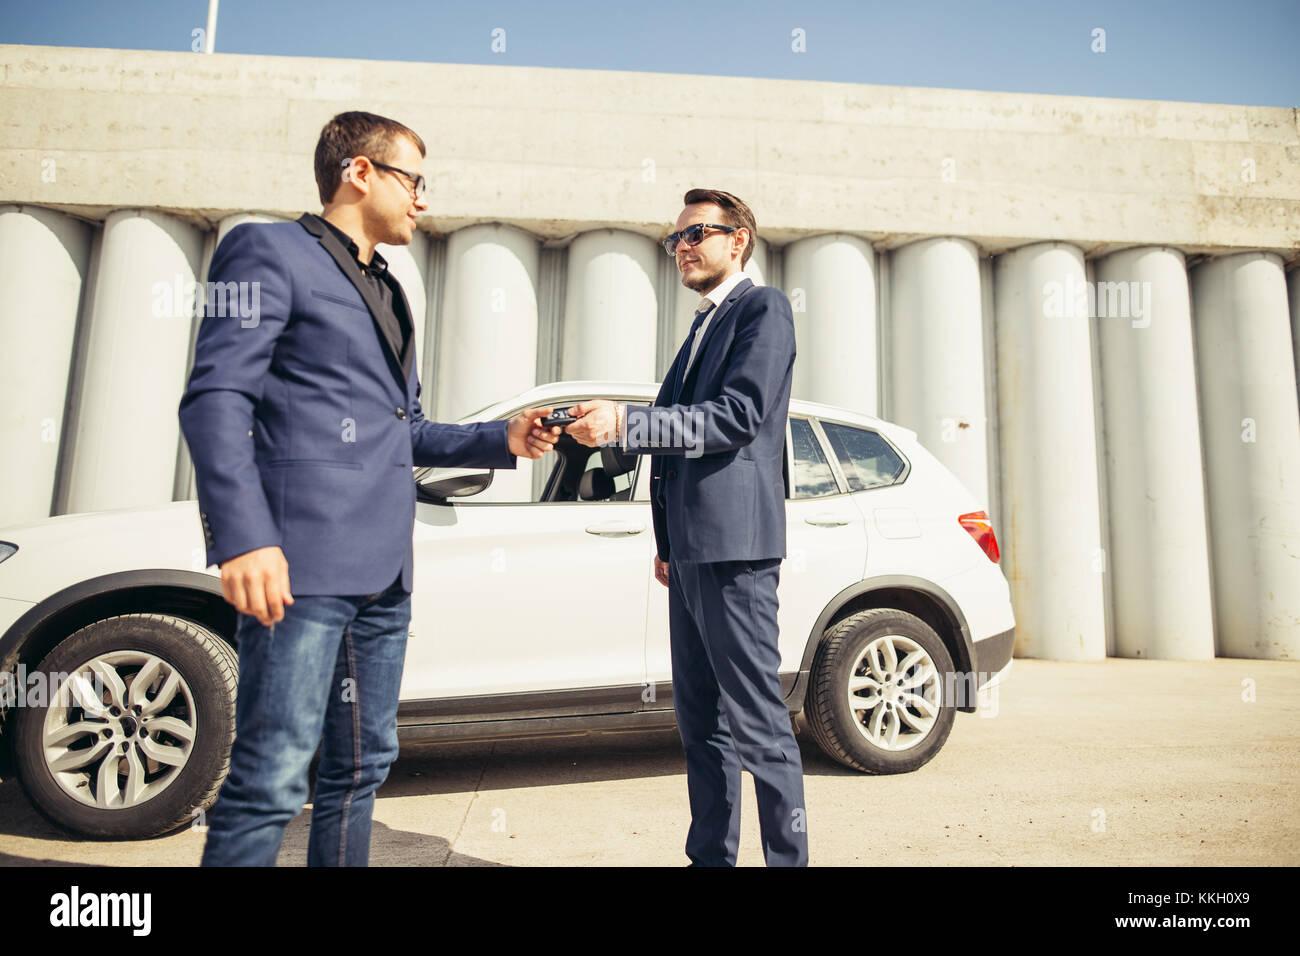 Pkw-Verkaufszahlen. eine Person verkauft Auto und gibt den Schlüssel an dem neuen Eigentümer Stockbild